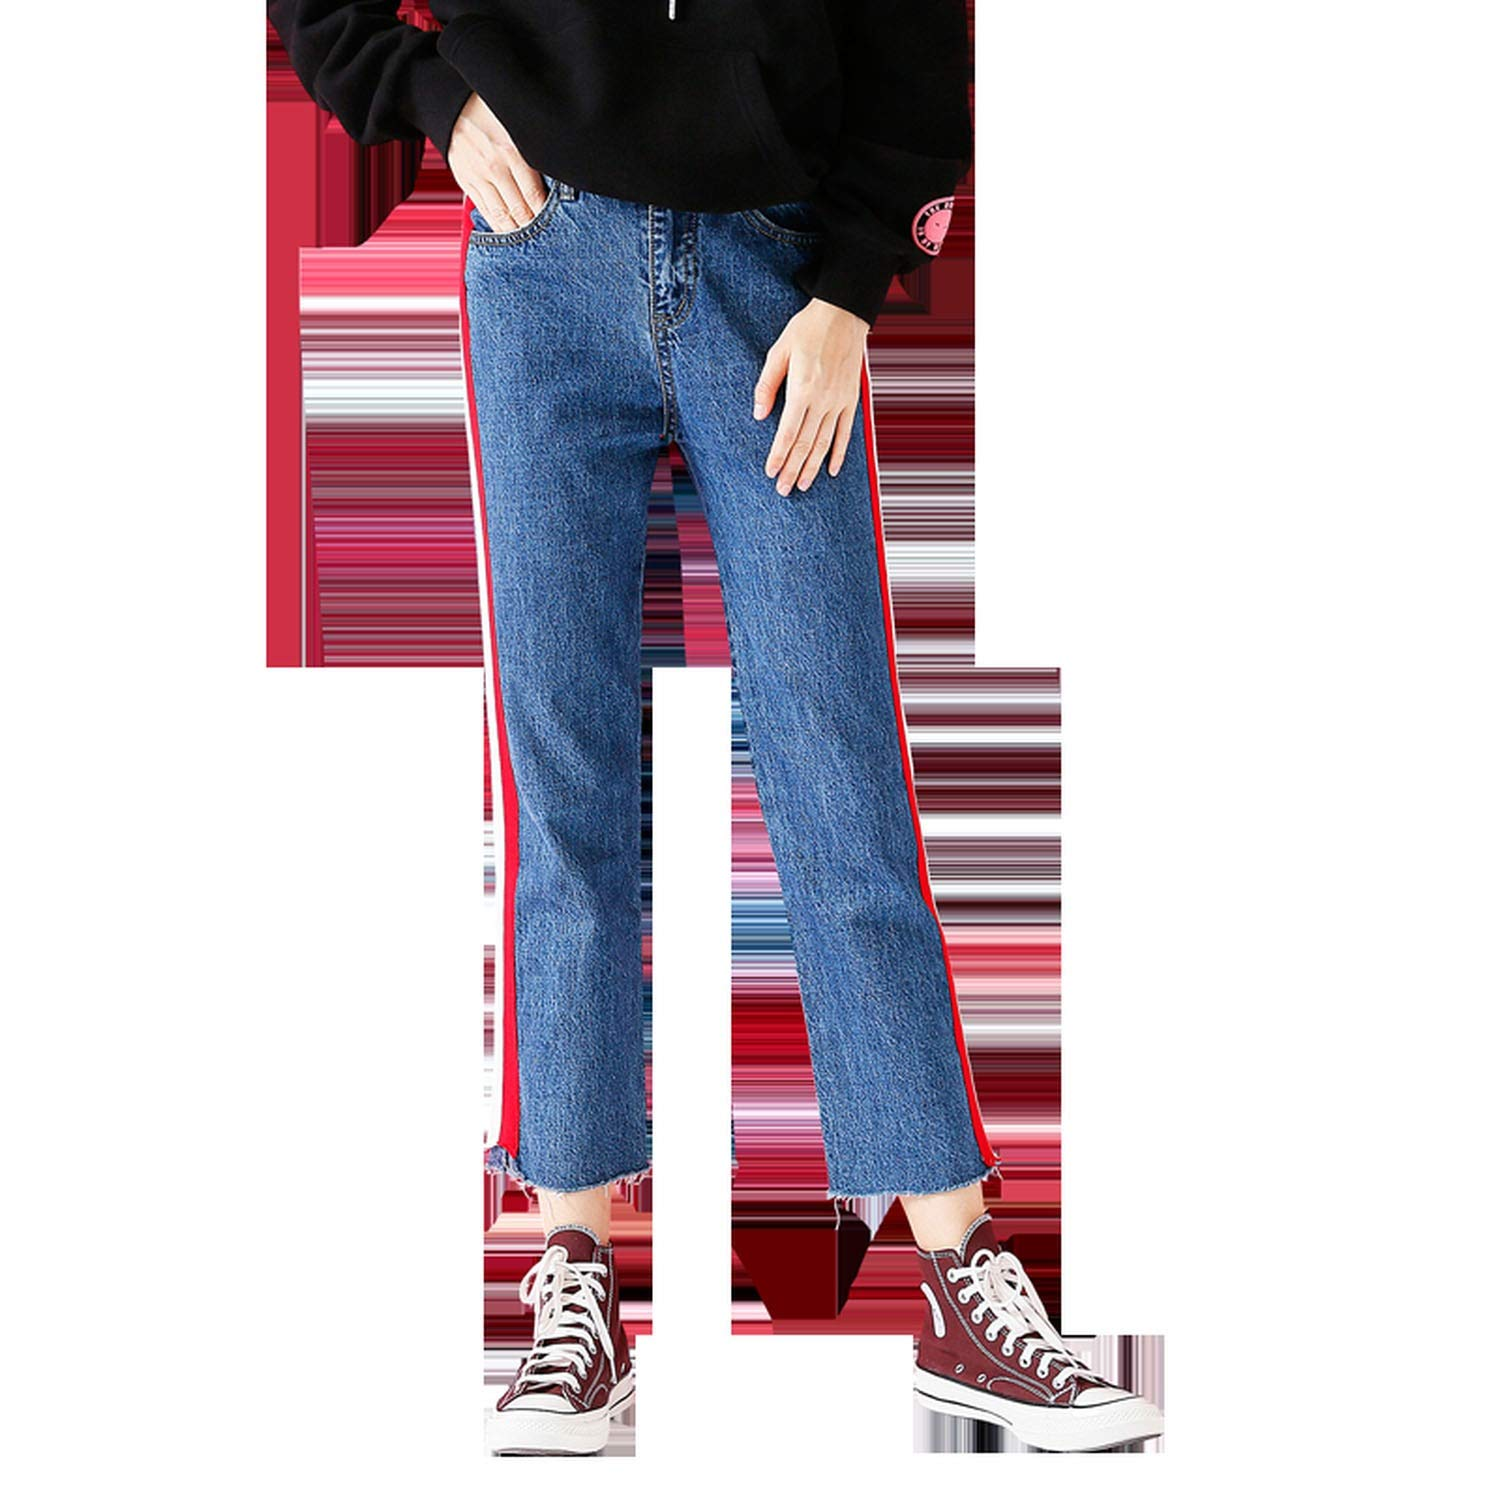 Dreamedge Casual Jeans Woman Autumn Contrast Color Striped Denim Fashion Ankle-Length Jeans Trouser,Blue,30